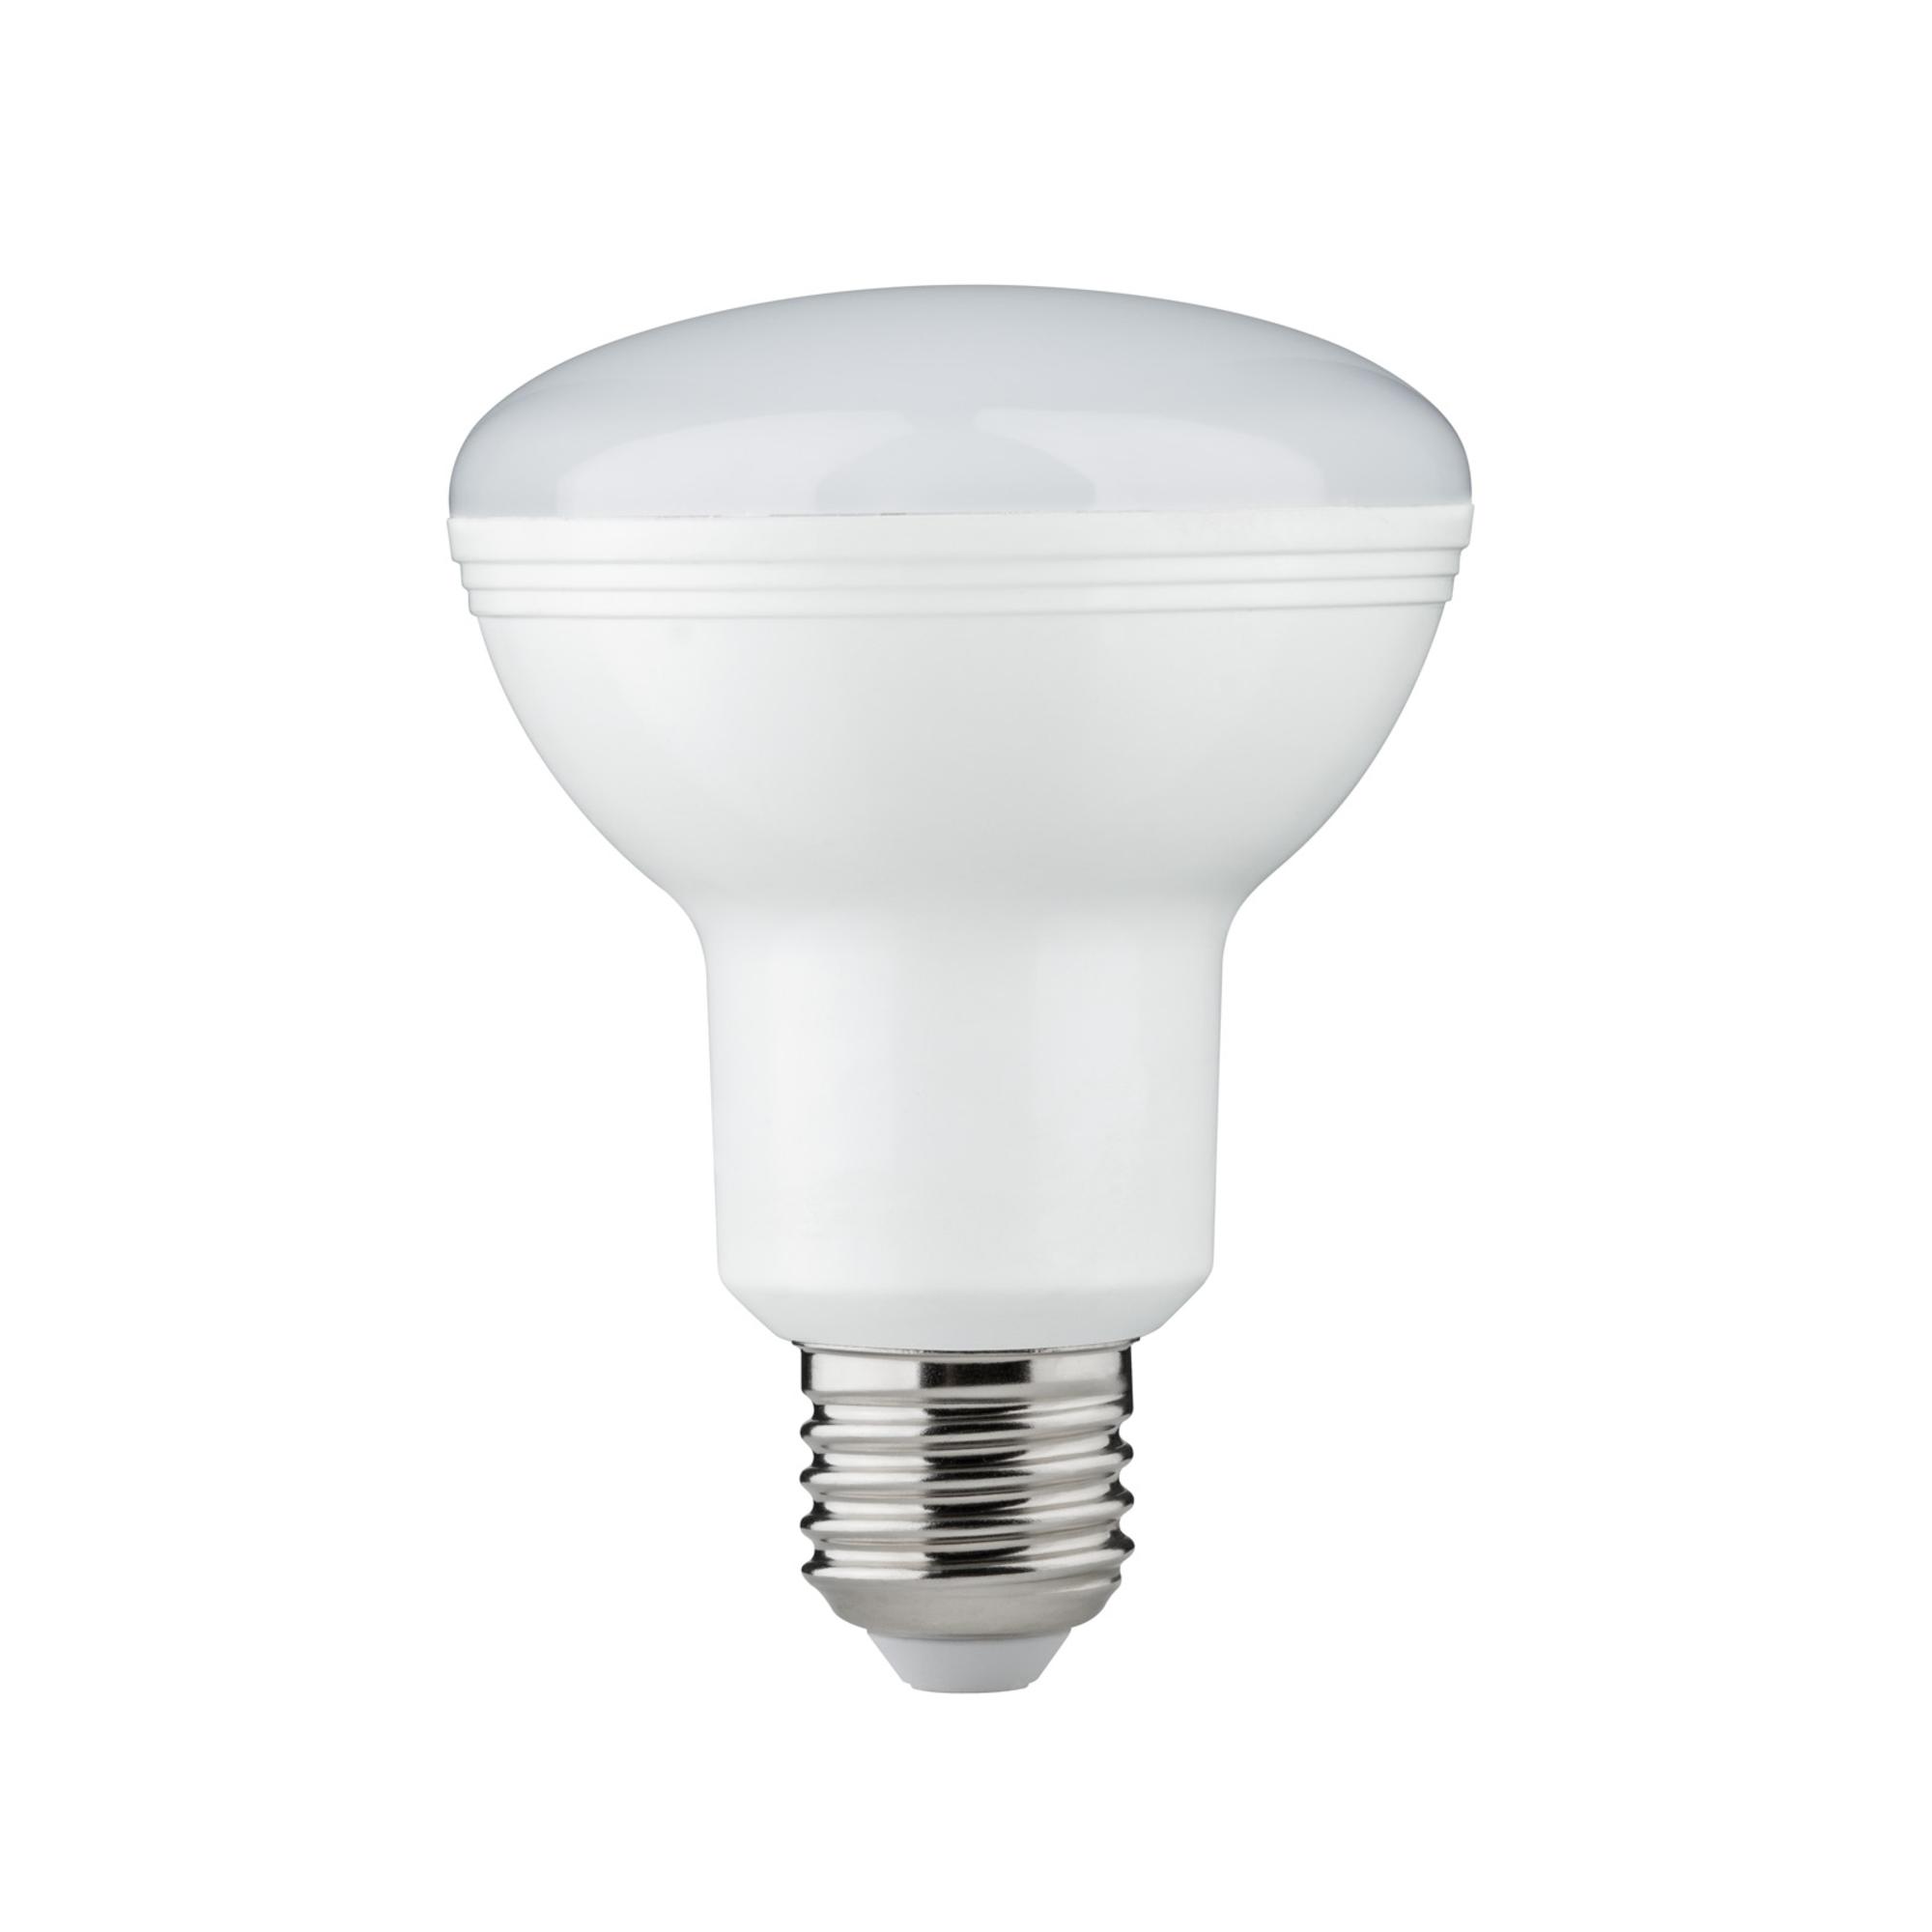 Лампа светодиодная Paulmann Рефлекторная R80 10Вт 806лм 2700К Е27 230В Опал 28444.